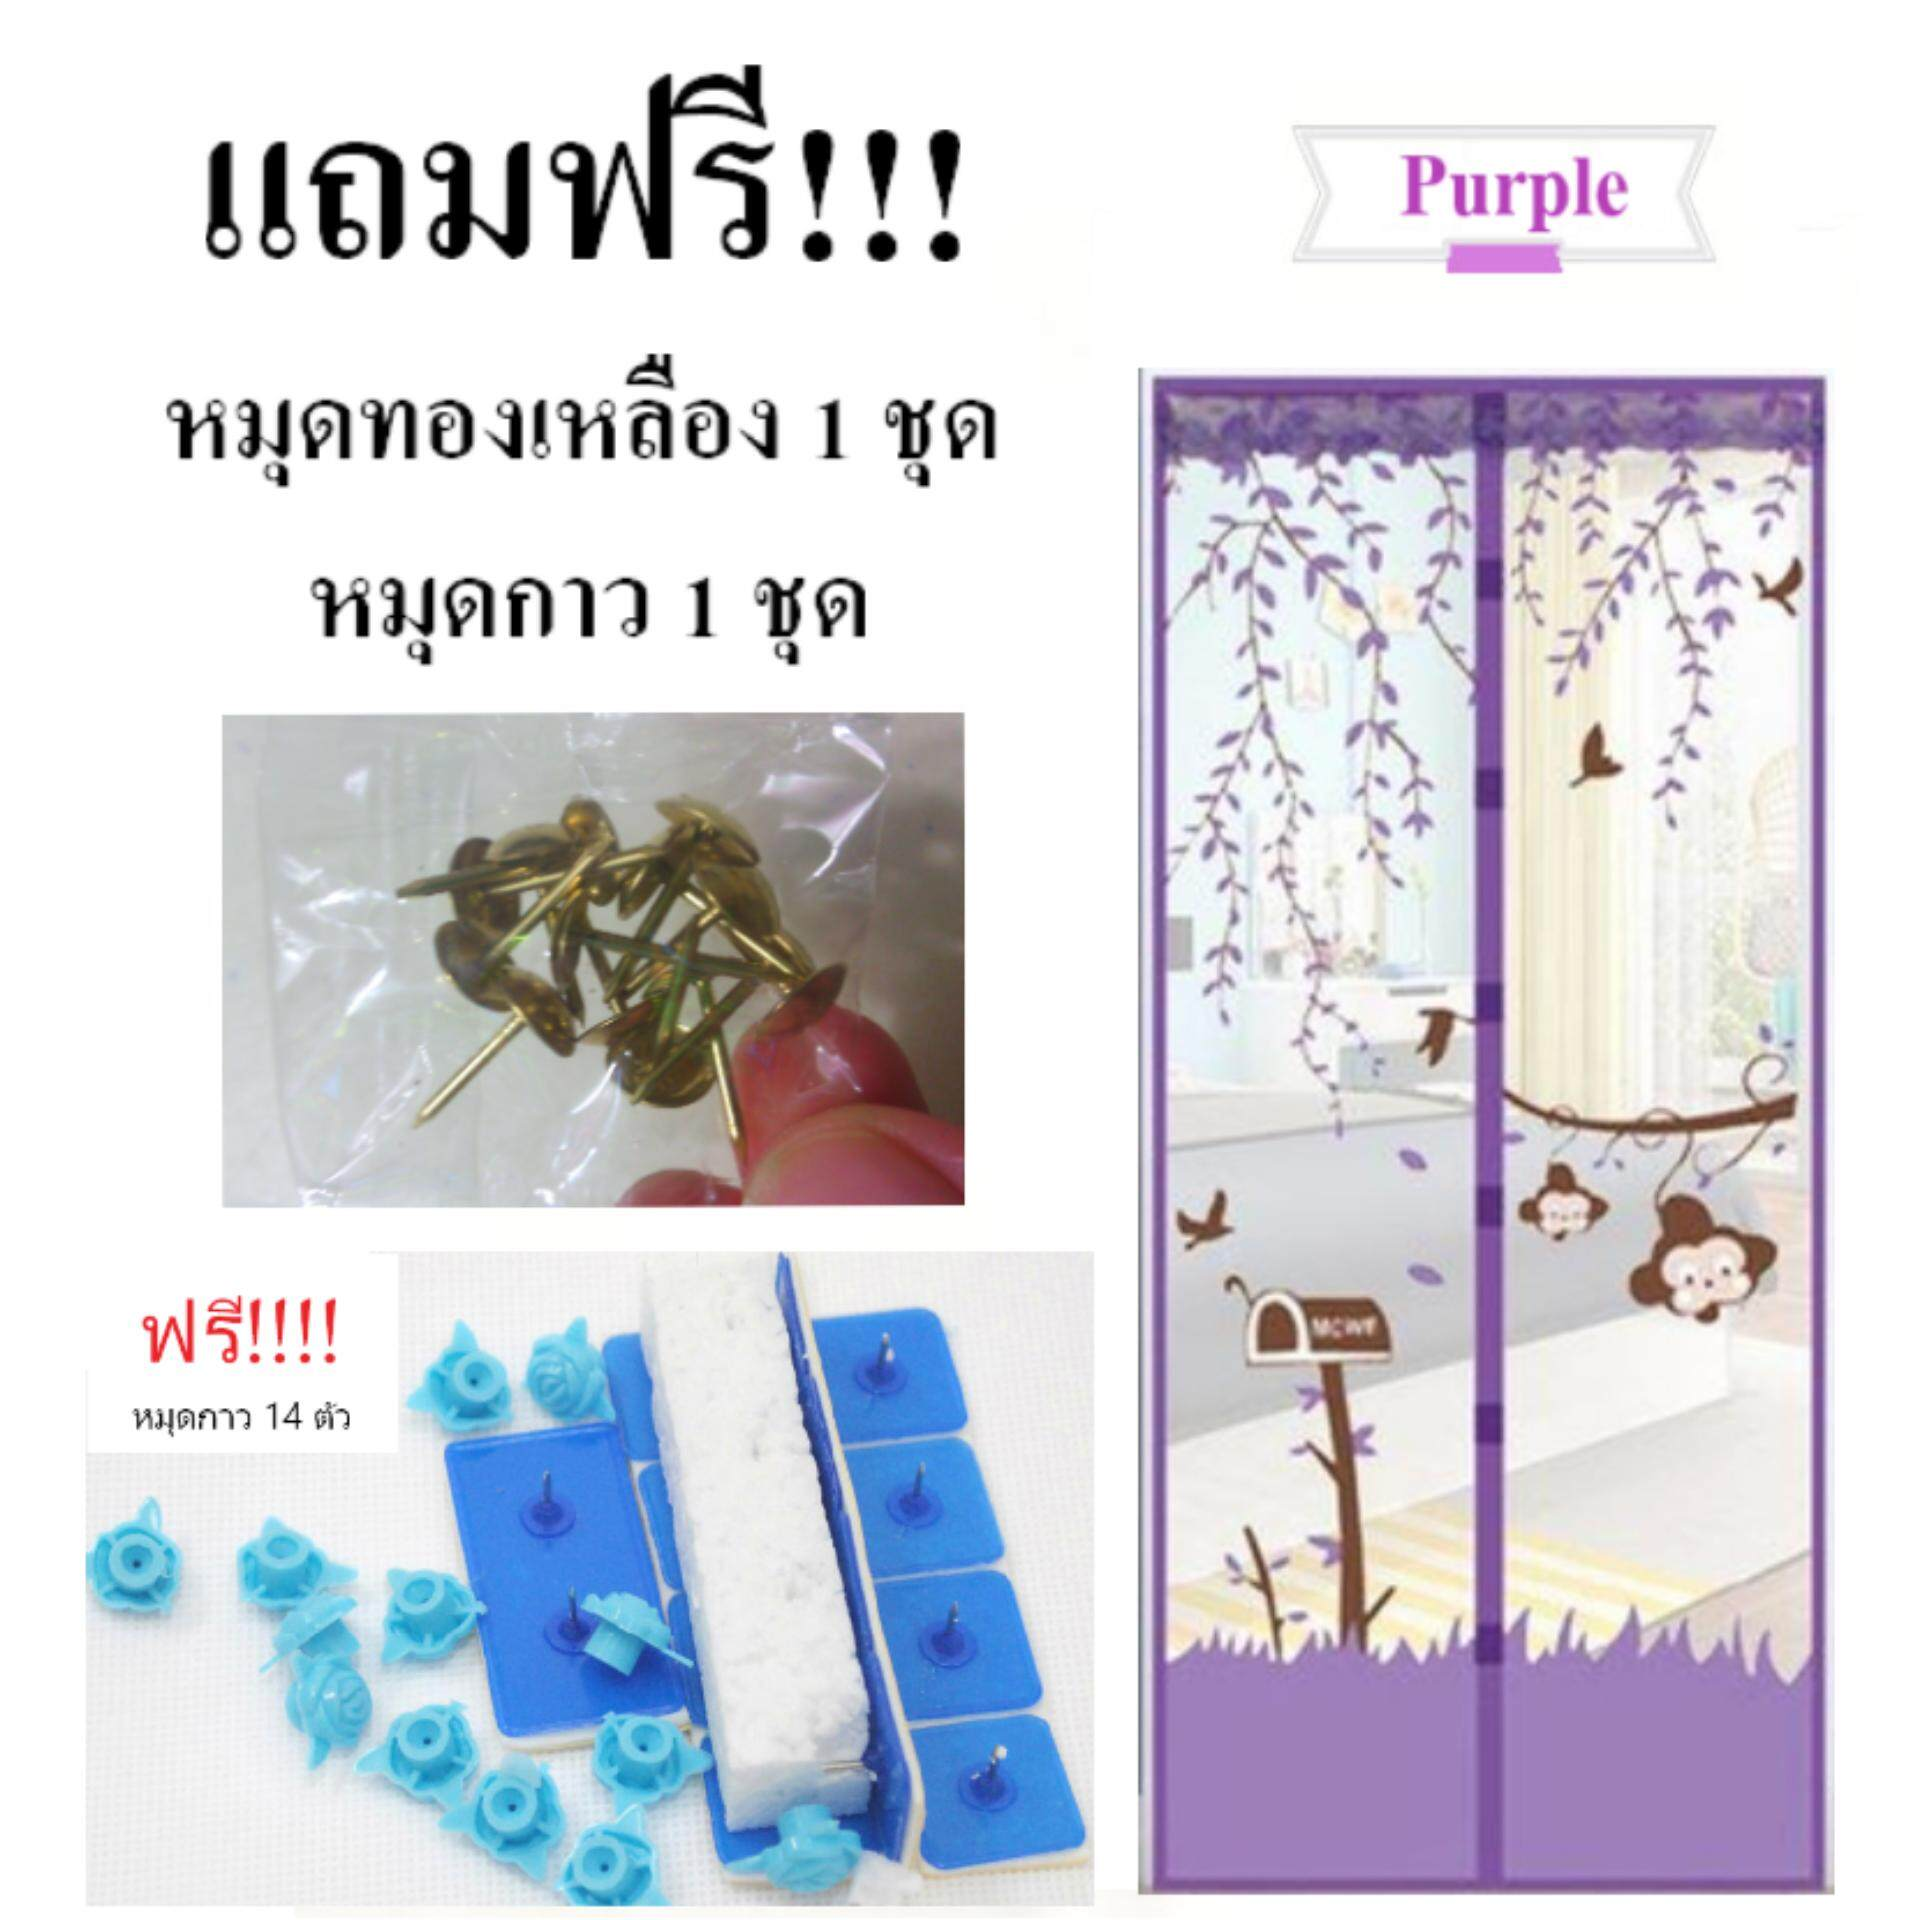 ซื้อ Happy Day ผ้าม่านกันยุง แถบแม่เหล็กลายลิงน้อย120X220 Cm No Brand ออนไลน์